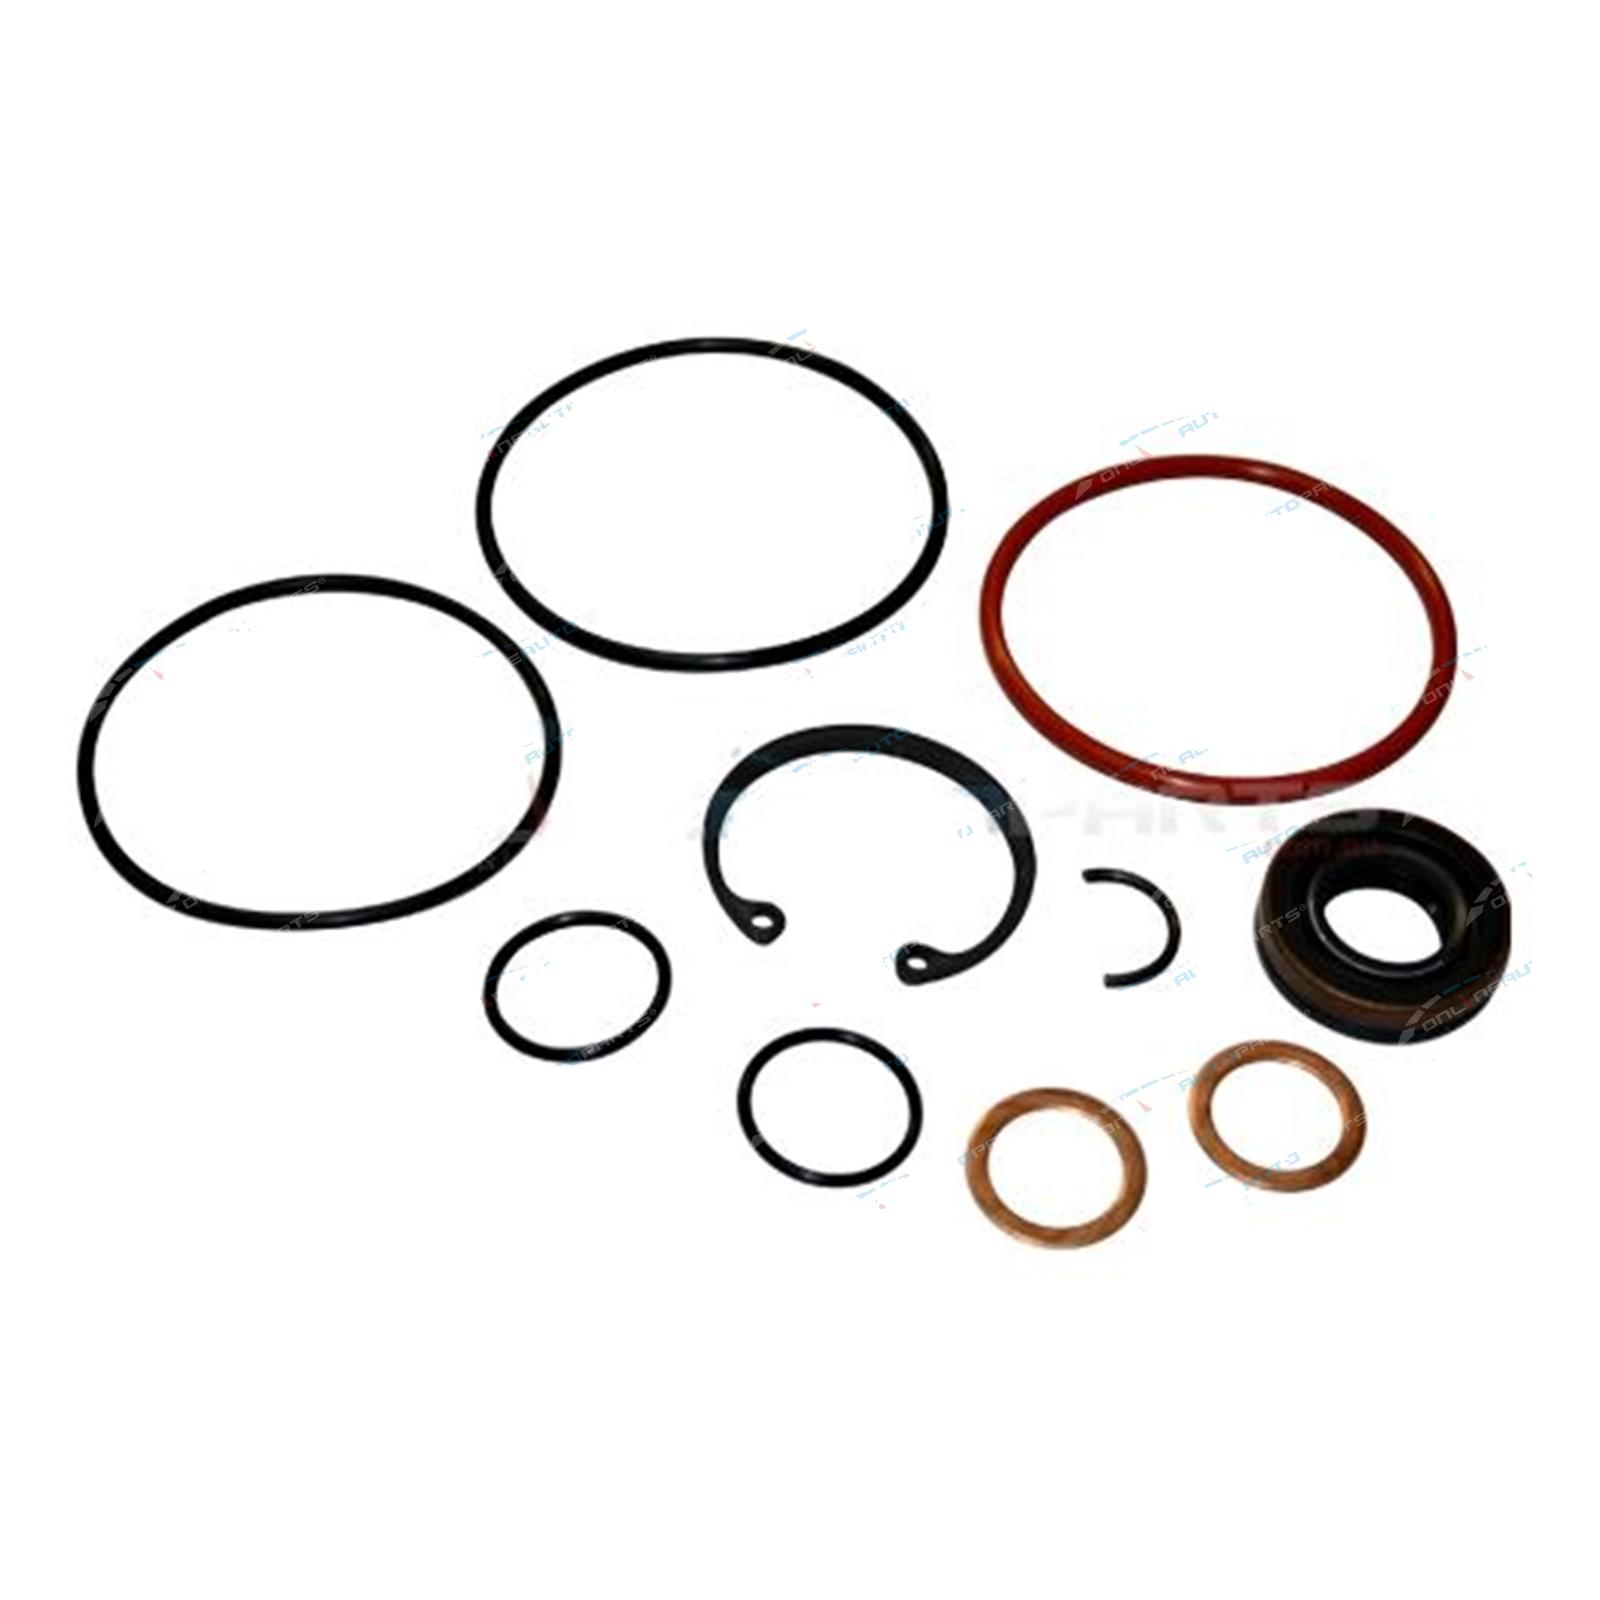 Power Steering Pump Seal Repair Kit Power Steering Repair Kit OEM Replacement